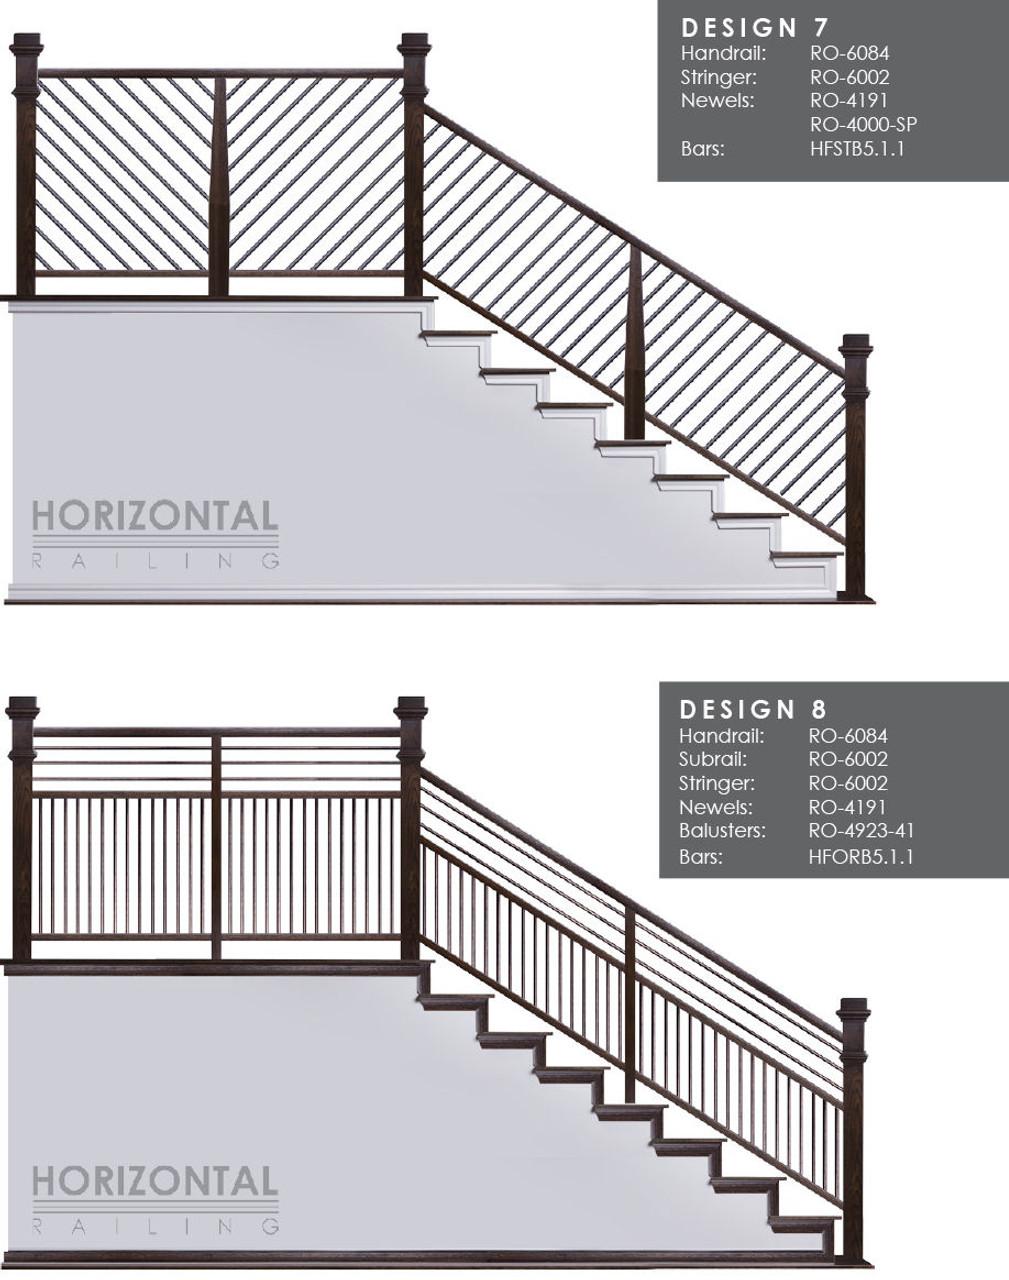 Horizontal Bar Design 7 and 8